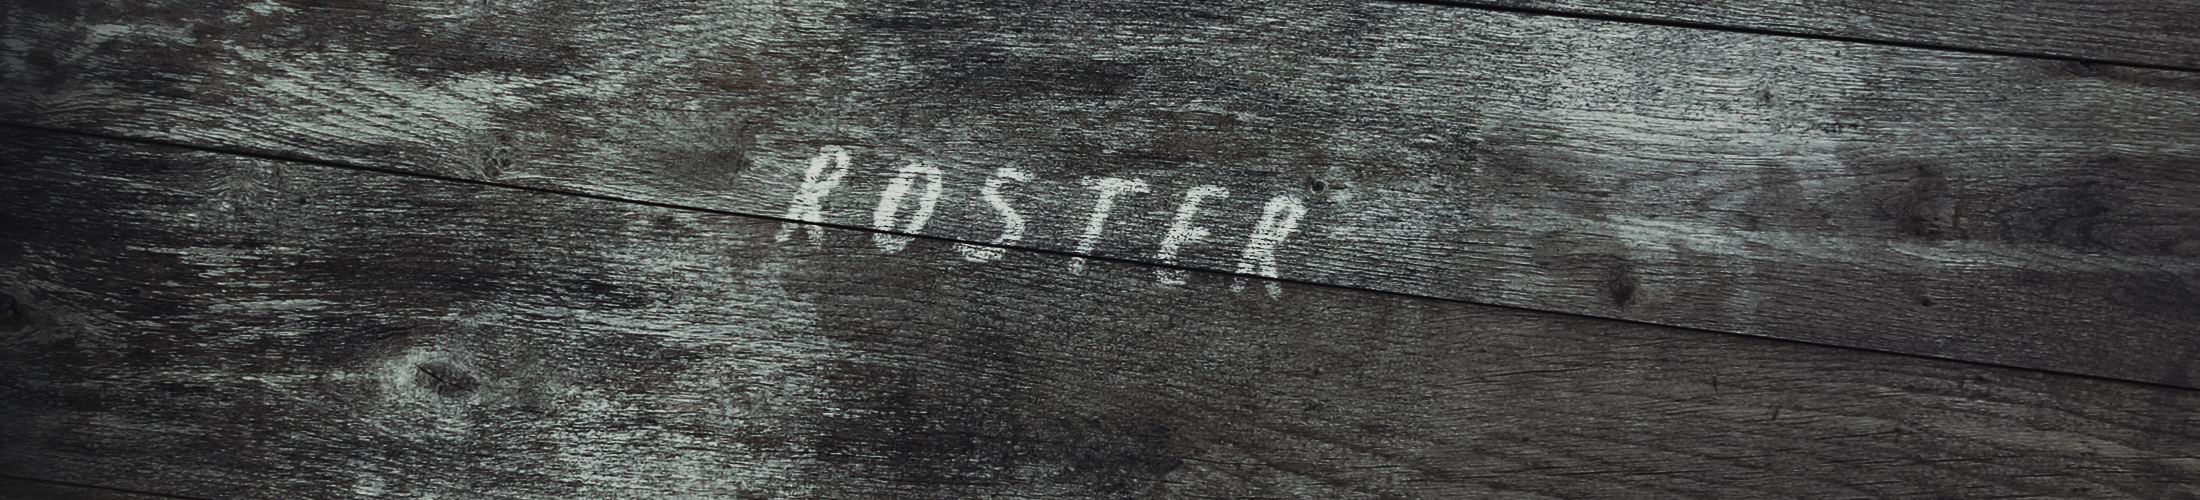 ROSTER.png.b8b22d48b2b035d5157773a945b9e1dd.png